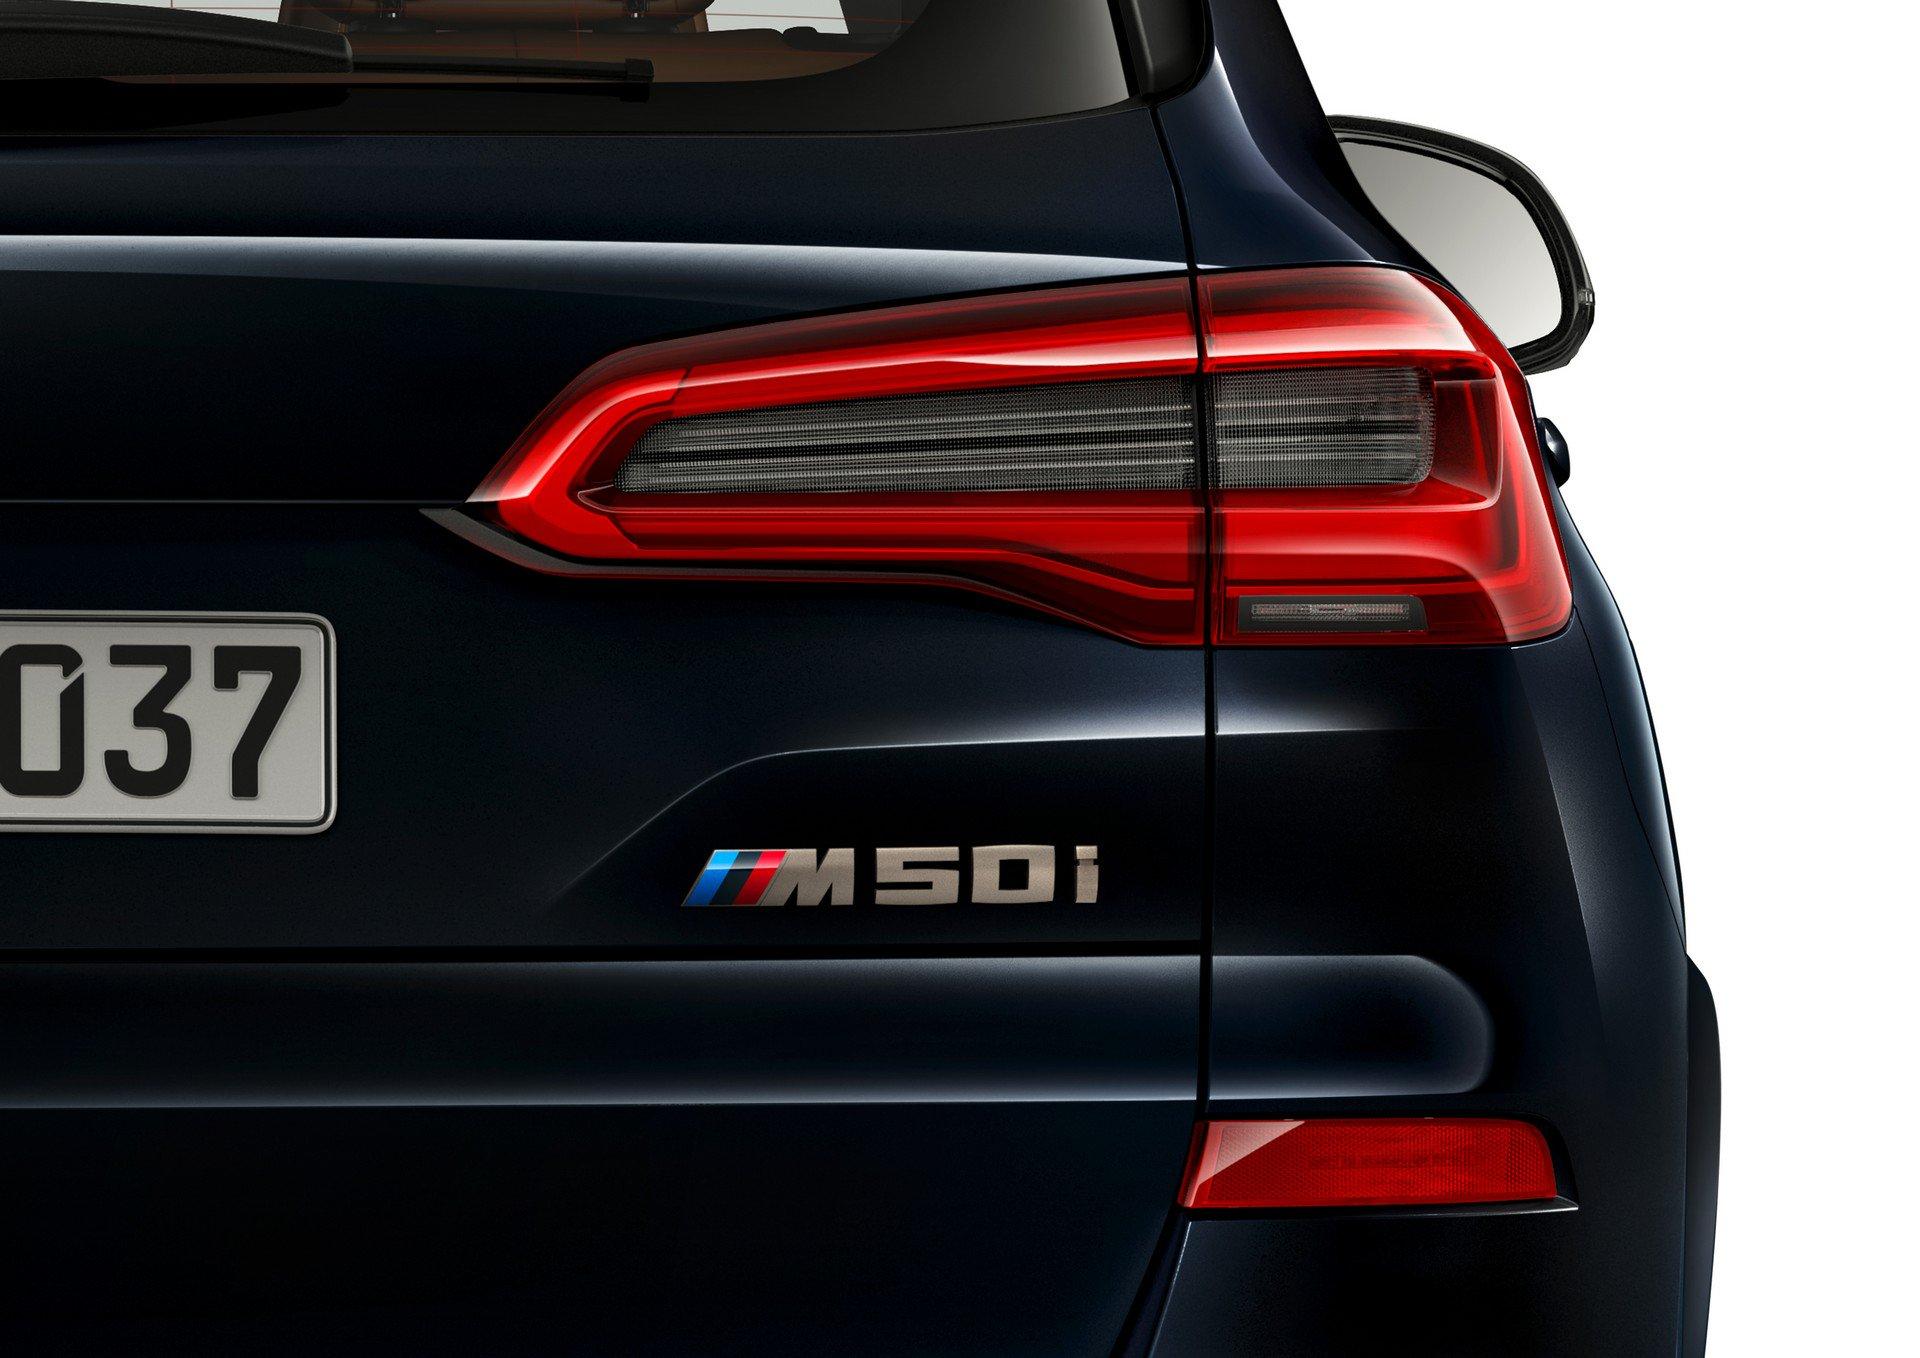 4d8da9d1-2020-bmw-x5-x7-m50i-2